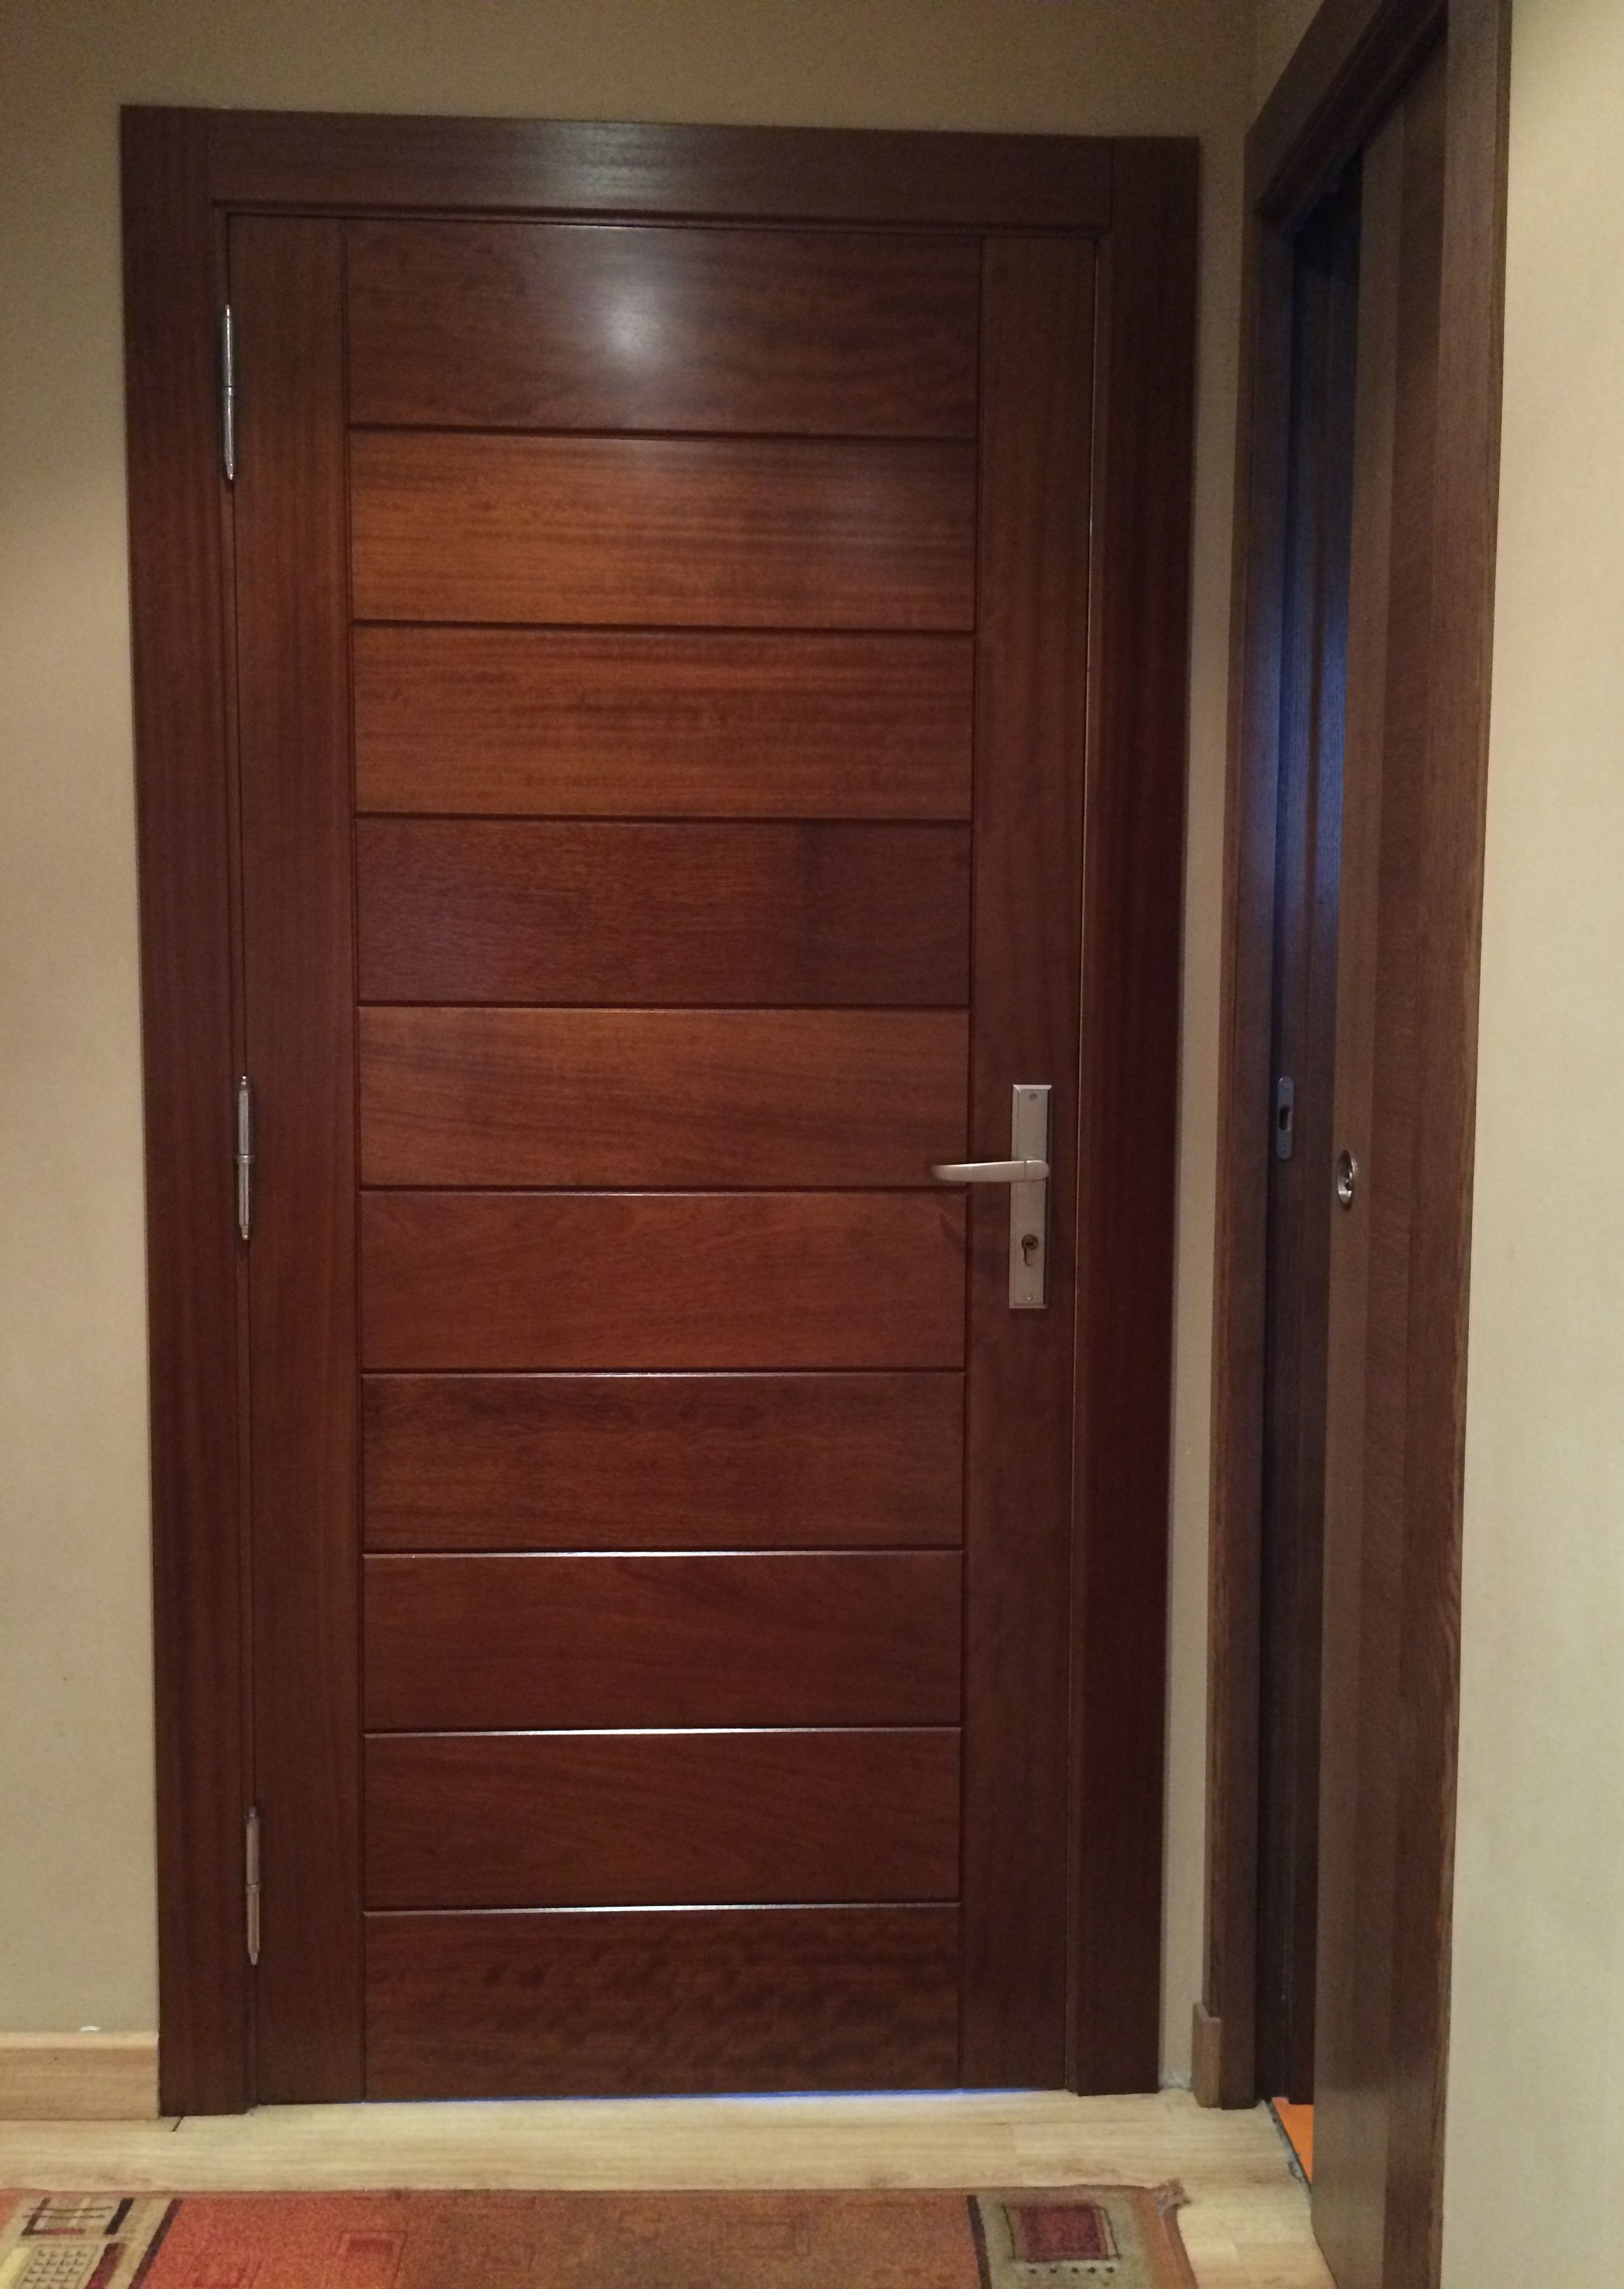 Foto 15 de armarios en ria o puertas y armarios videco for Puertas y armarios